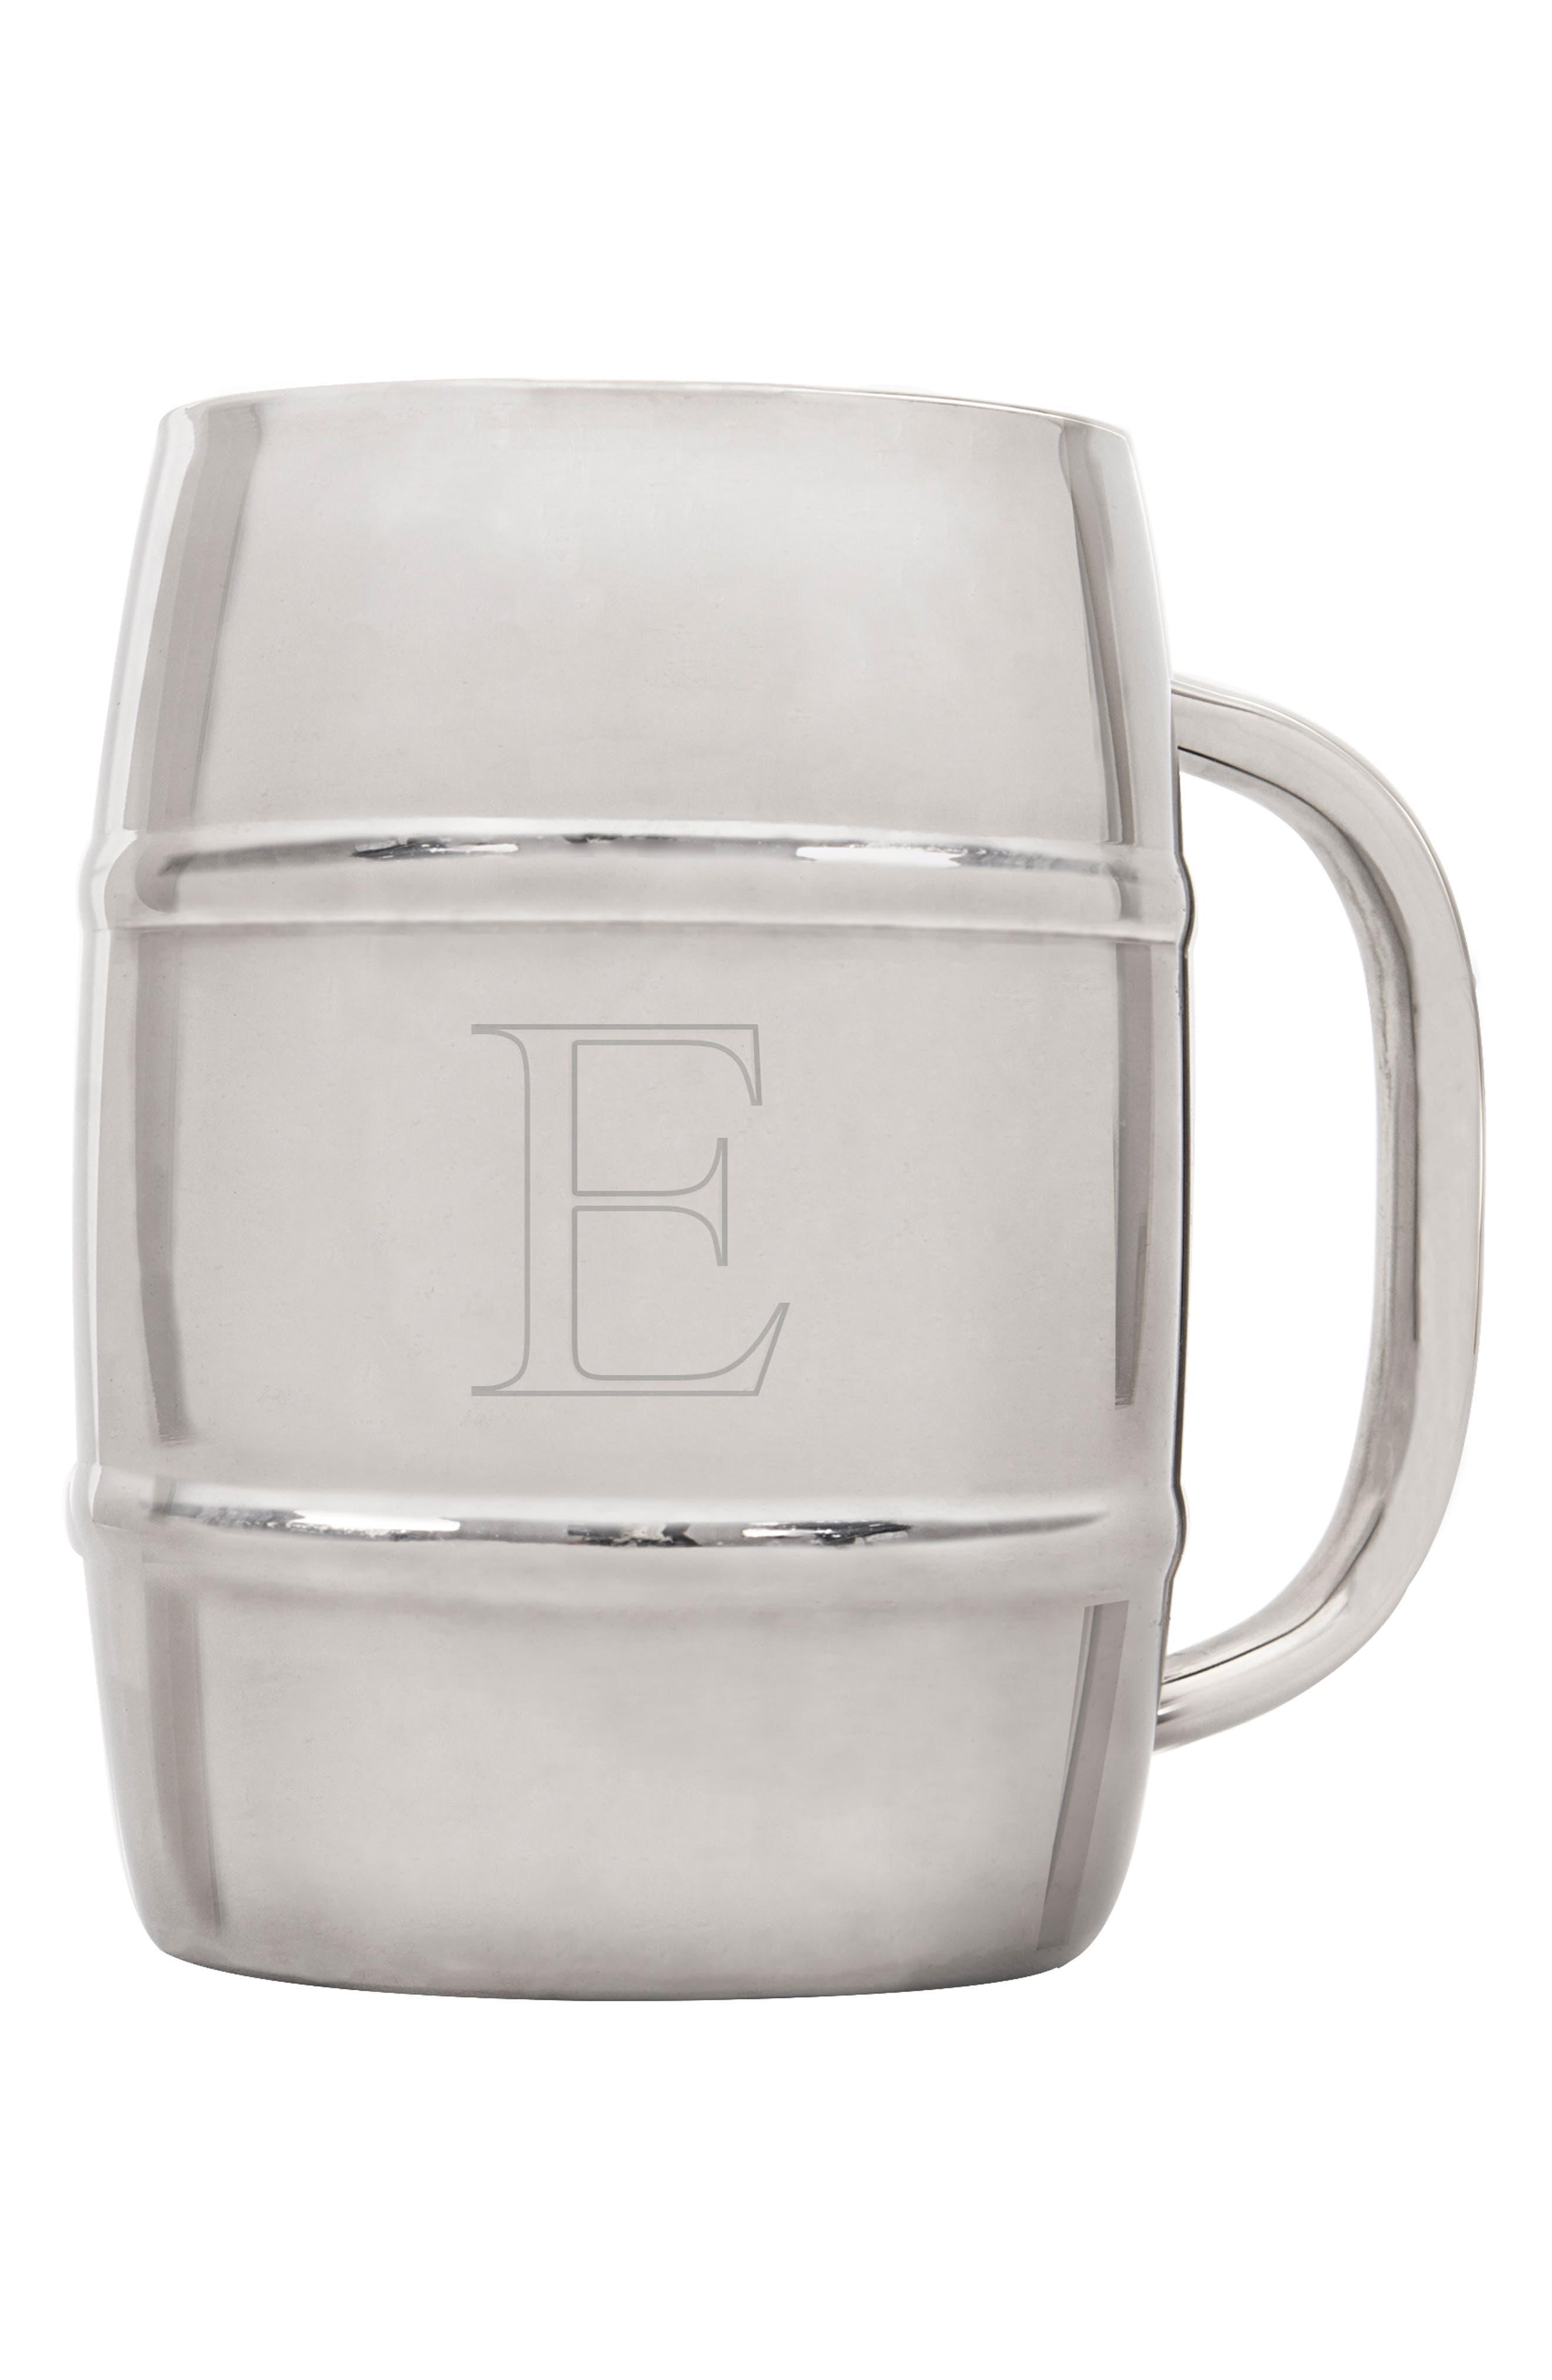 'XL Beer Keg' Monogram Mug,                             Main thumbnail 1, color,                             Silver - E